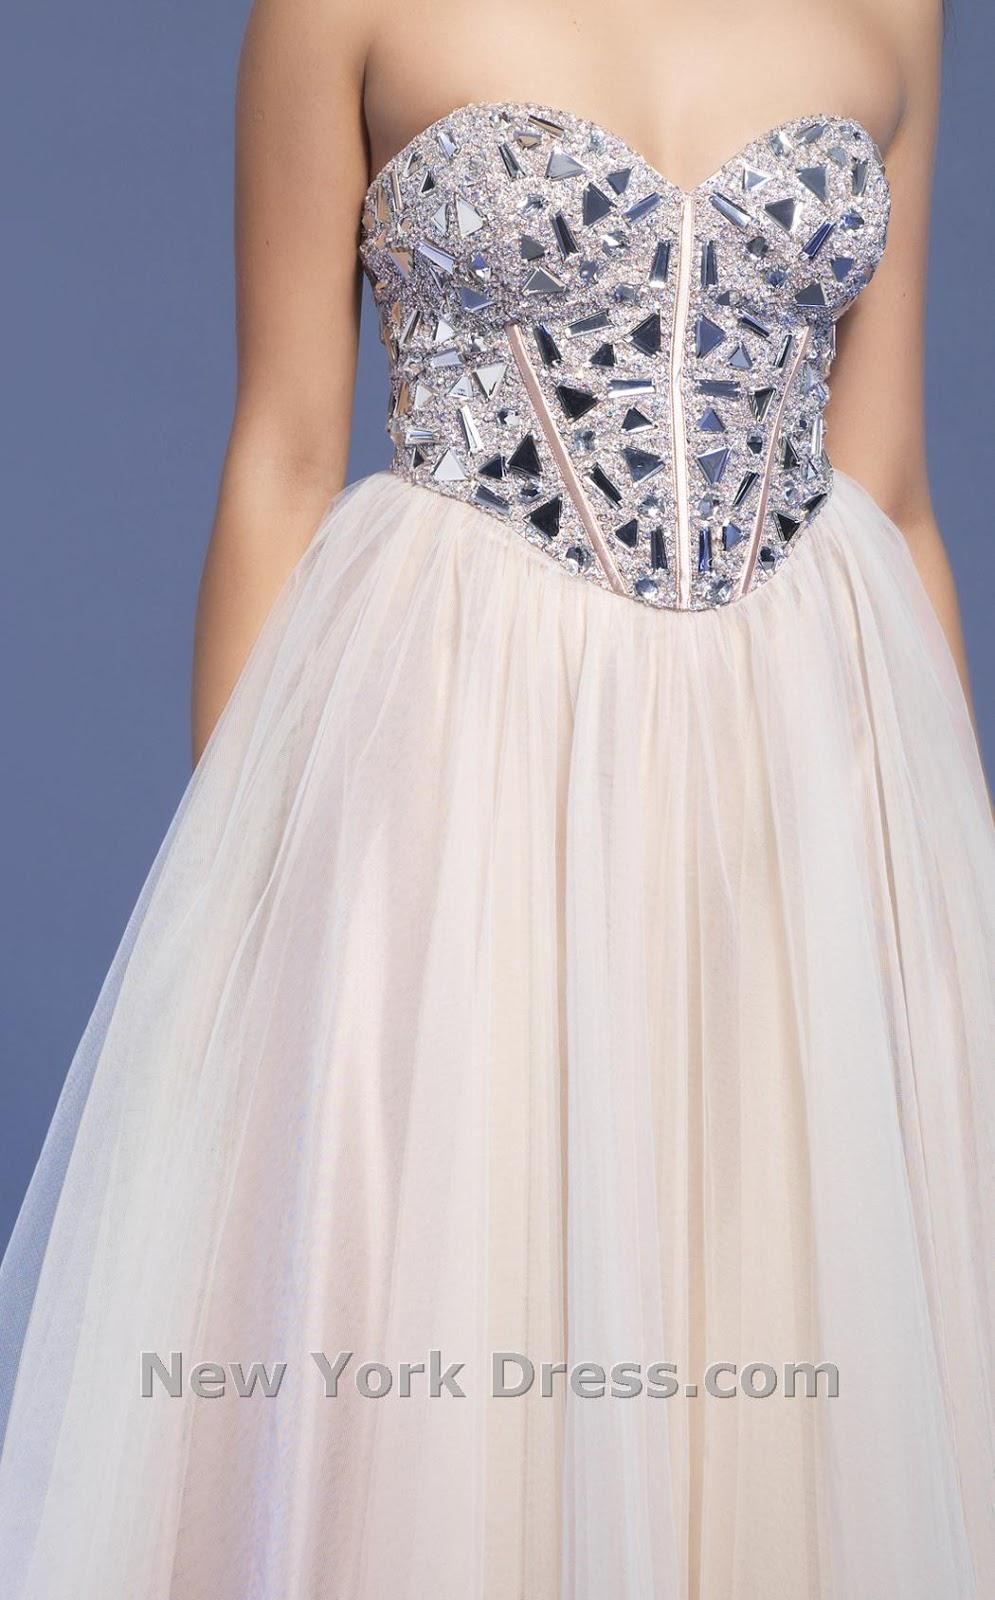 Prom Dresses for New York - Dresses For U.S Girls